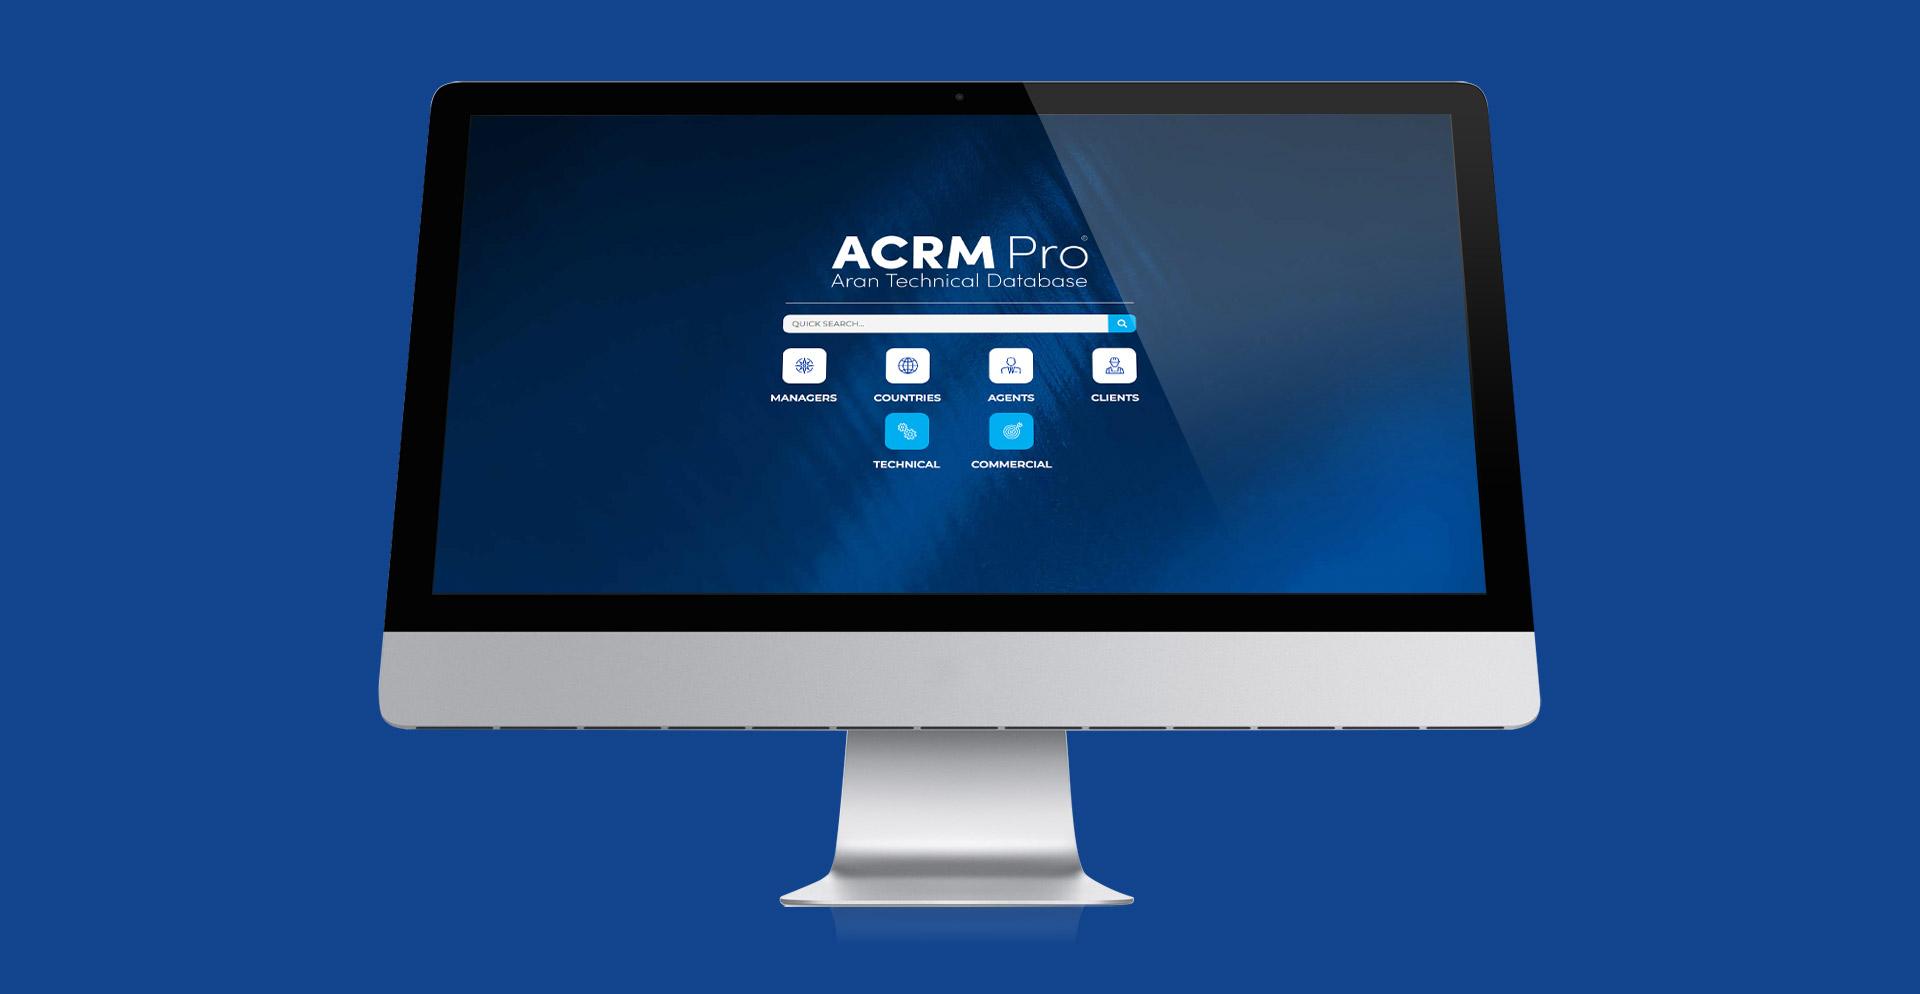 ACRM Pro